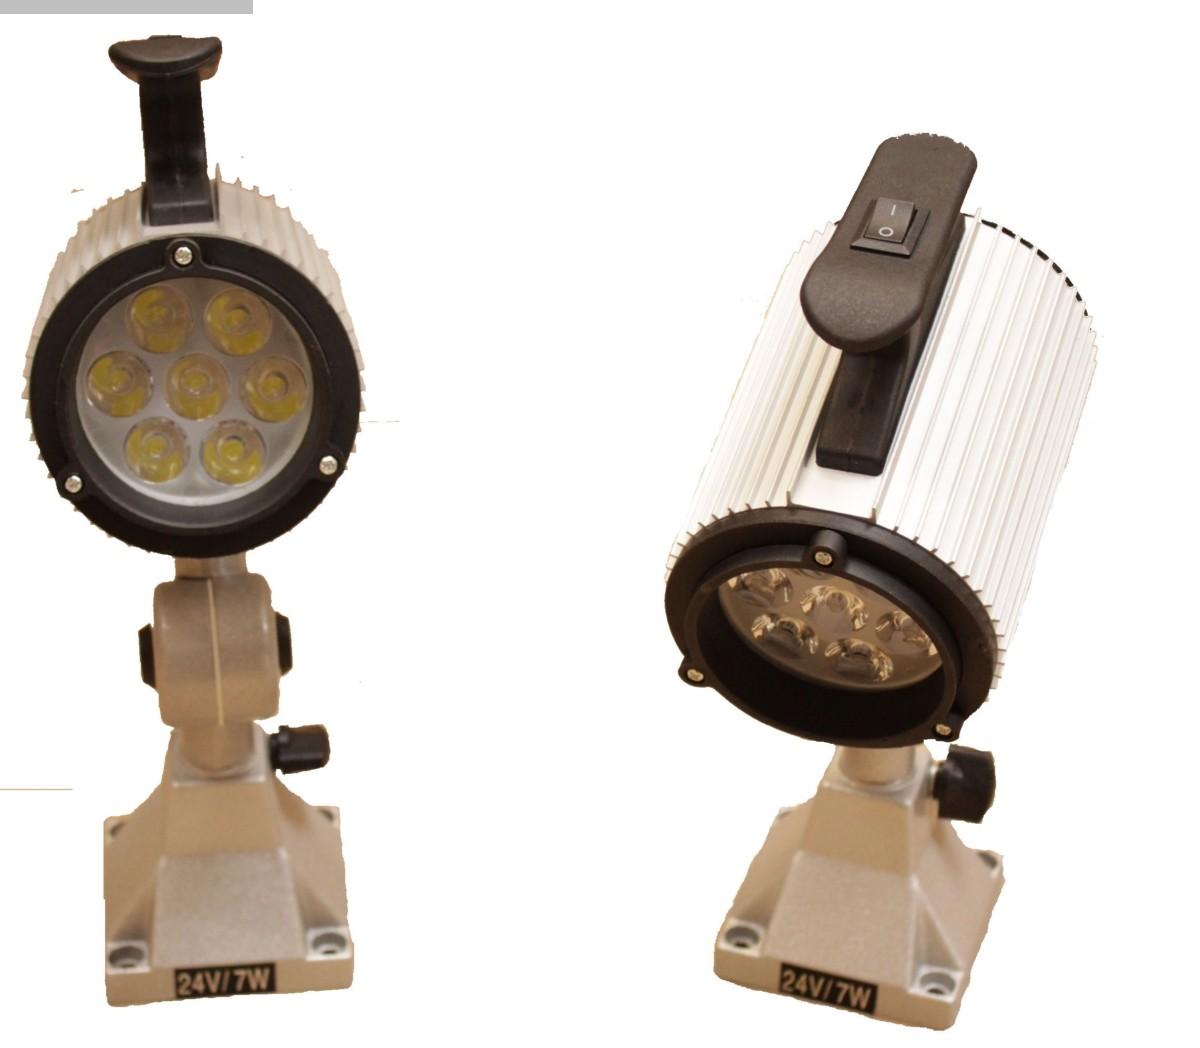 Herramientas y equipos industriales usados. Lámparas para máquinas Aalenbach LED Maschinenlampen kurz